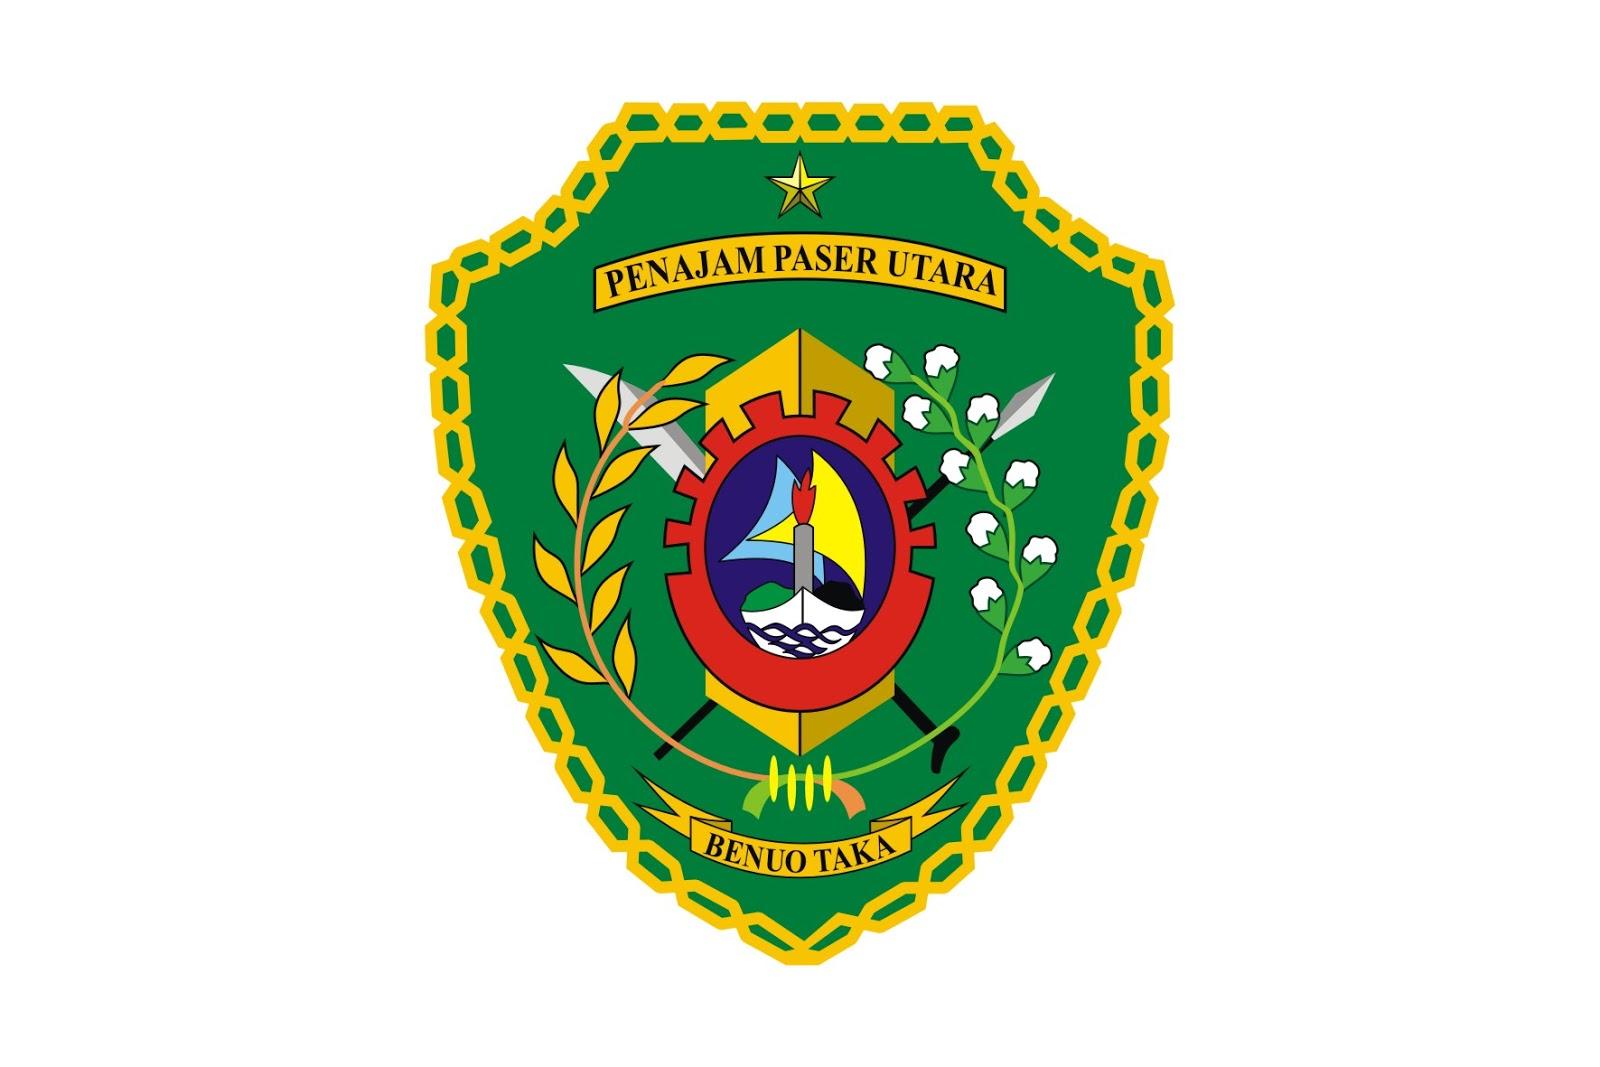 Pengumuman CPNS Kabupaten Penajam Paser Utara - Kaltim